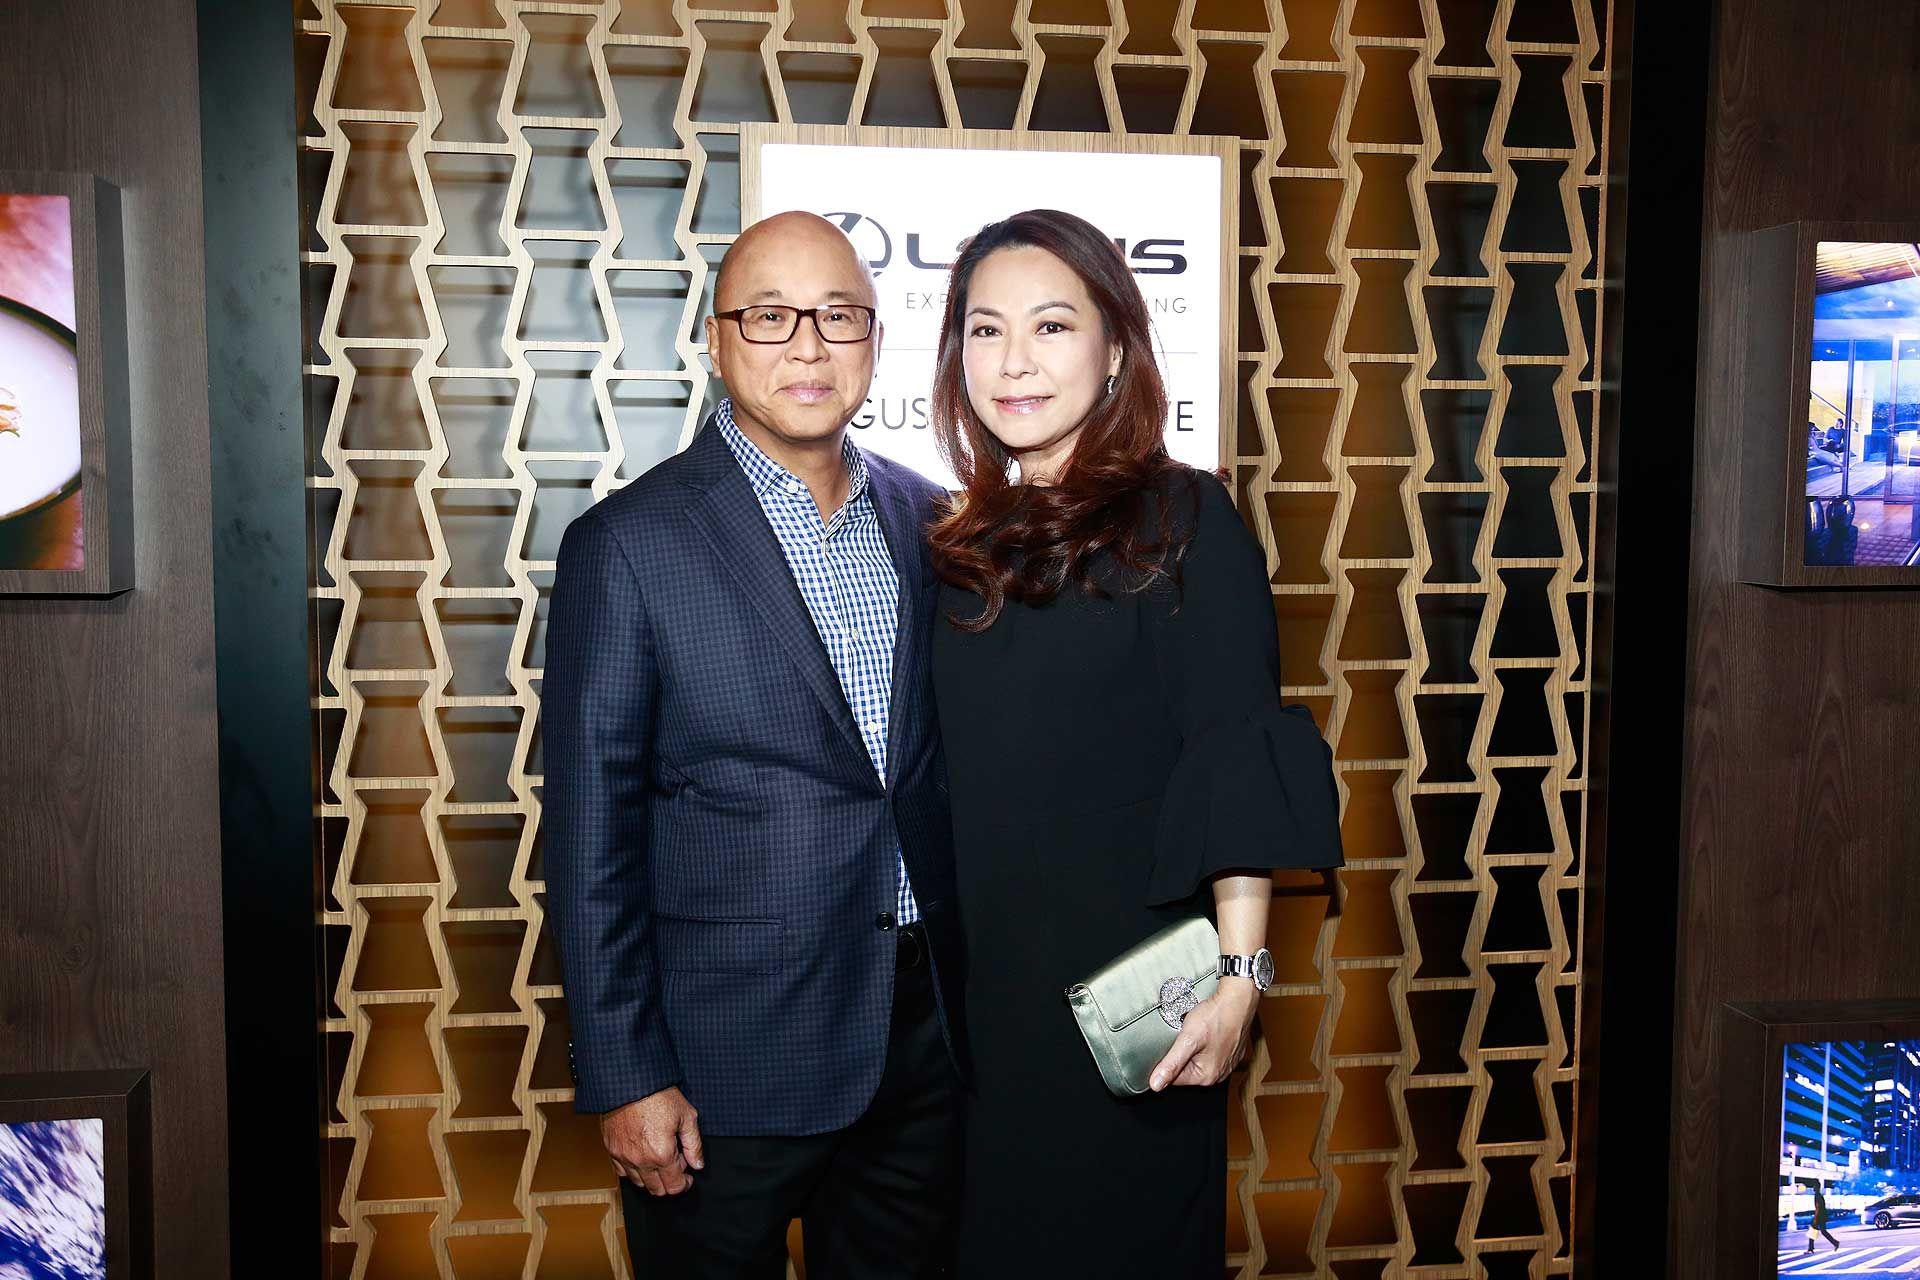 Dato' KK Loh and Datin Patsy Loh